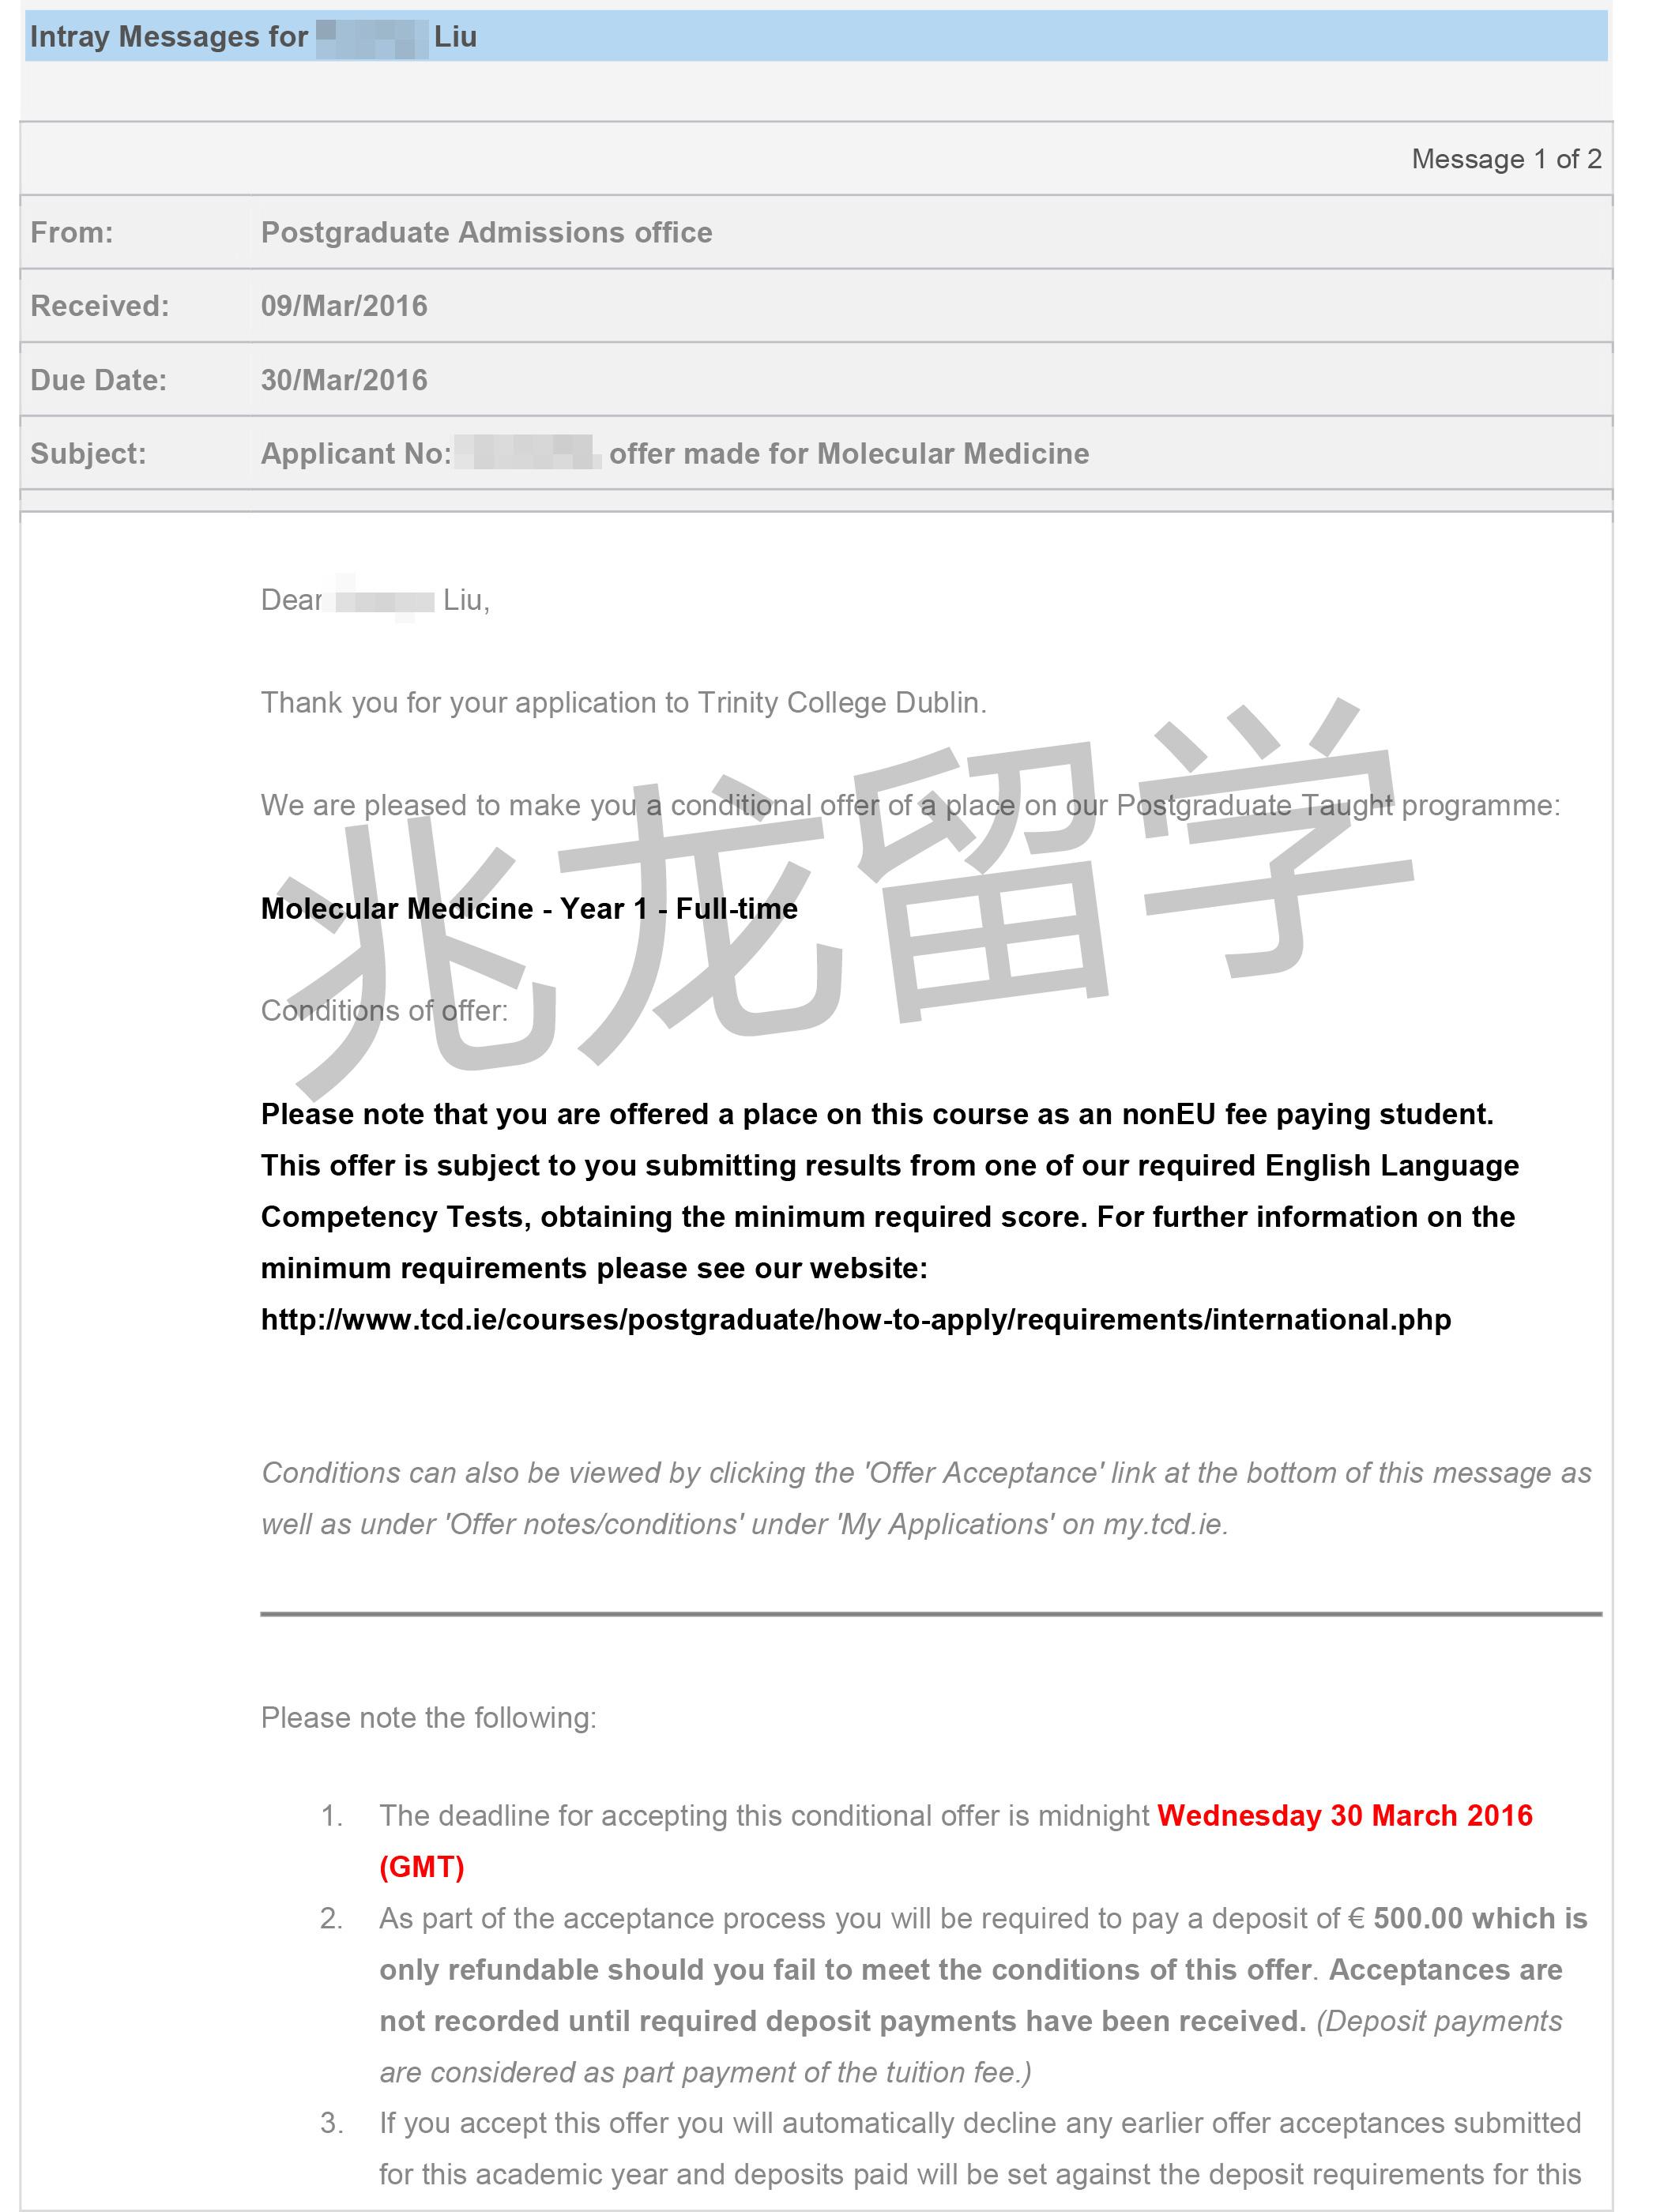 恭喜刘同学获得圣三一学院的分子医学的硕士offer